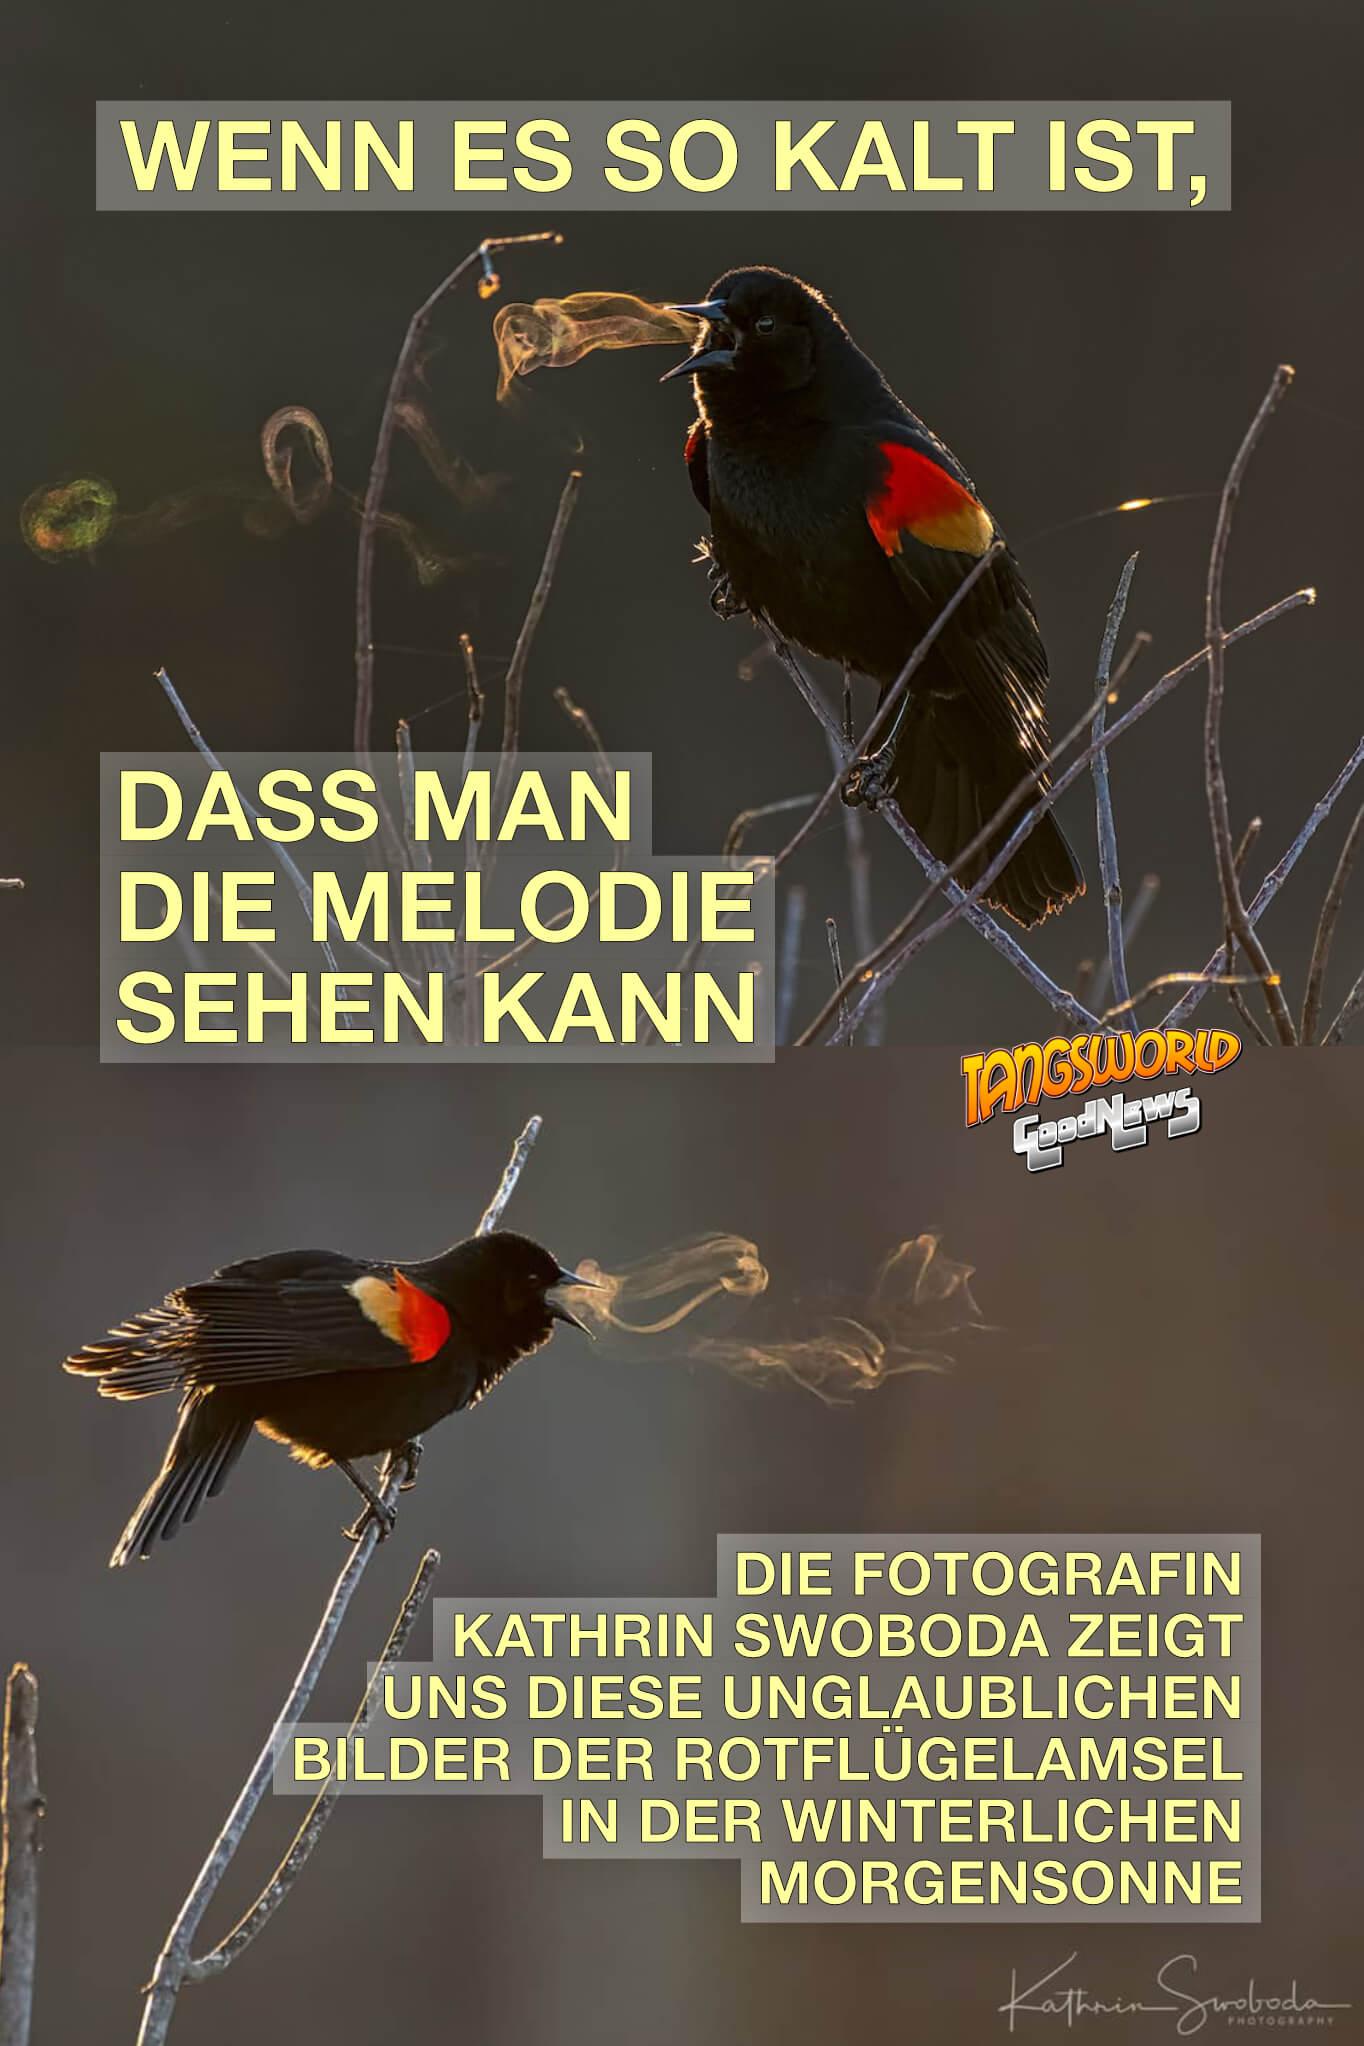 Wenn es so kalt ist, dass man die Melodie sehen kann. Die Fotografin Kathrin Swoboda zeigt uns diese unglaublichen Bilder der Rotflügelamsel in der winterlichen Morgensonne - GoodNews | Fotos: Kathrin Swoboda